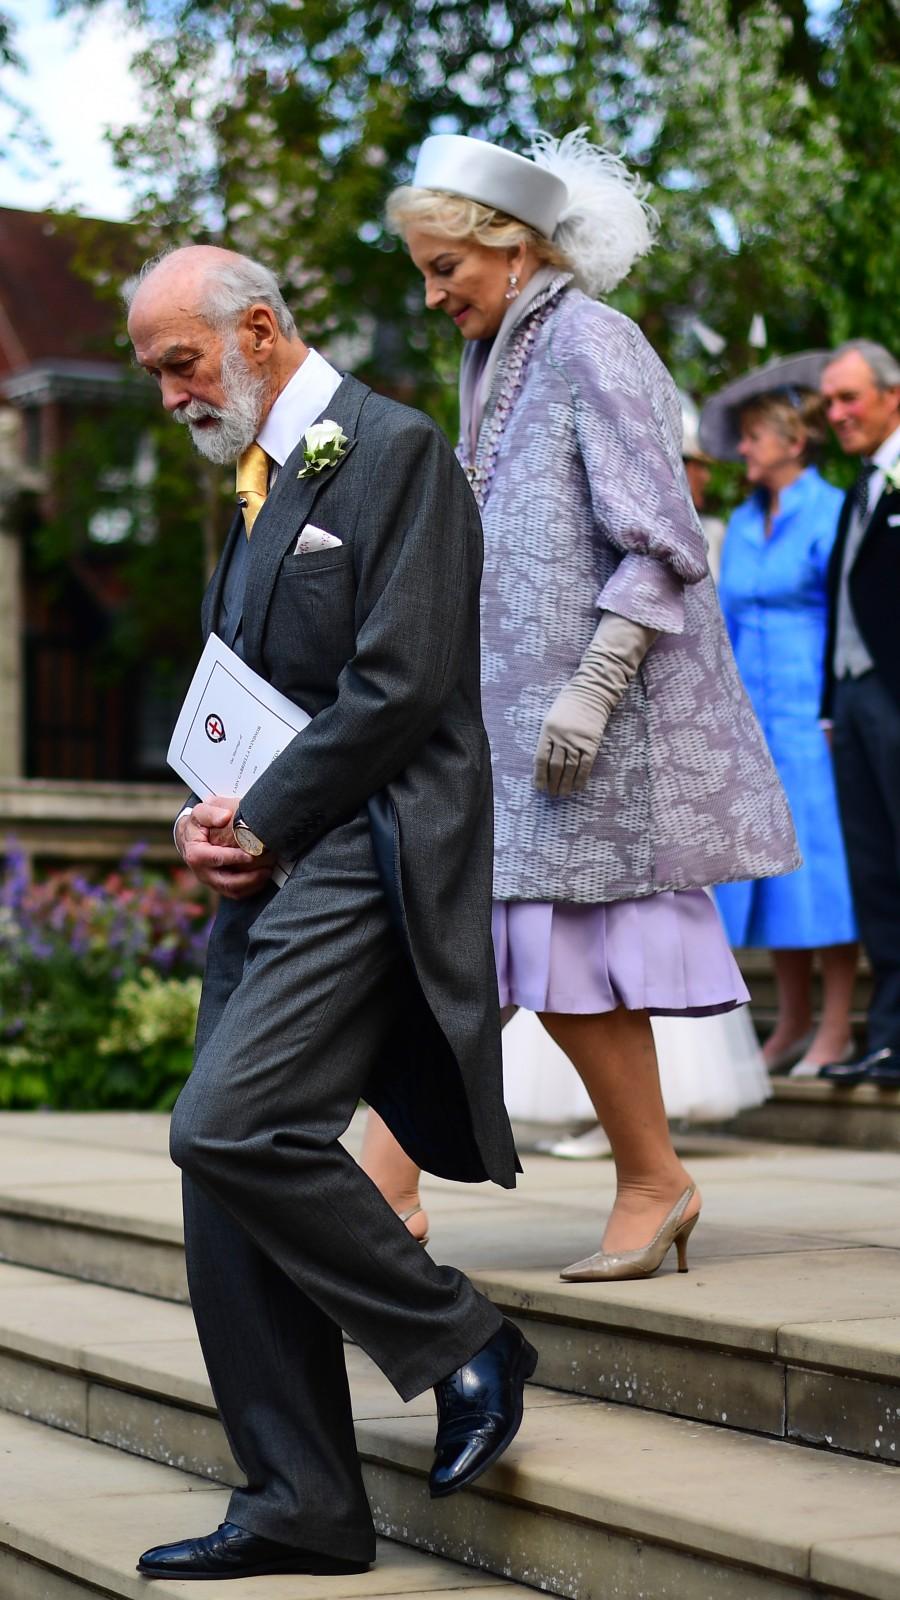 Les caillots sanguins de la famille de la reine, la princesse Michael de Kent et le prince Michael de Kent.